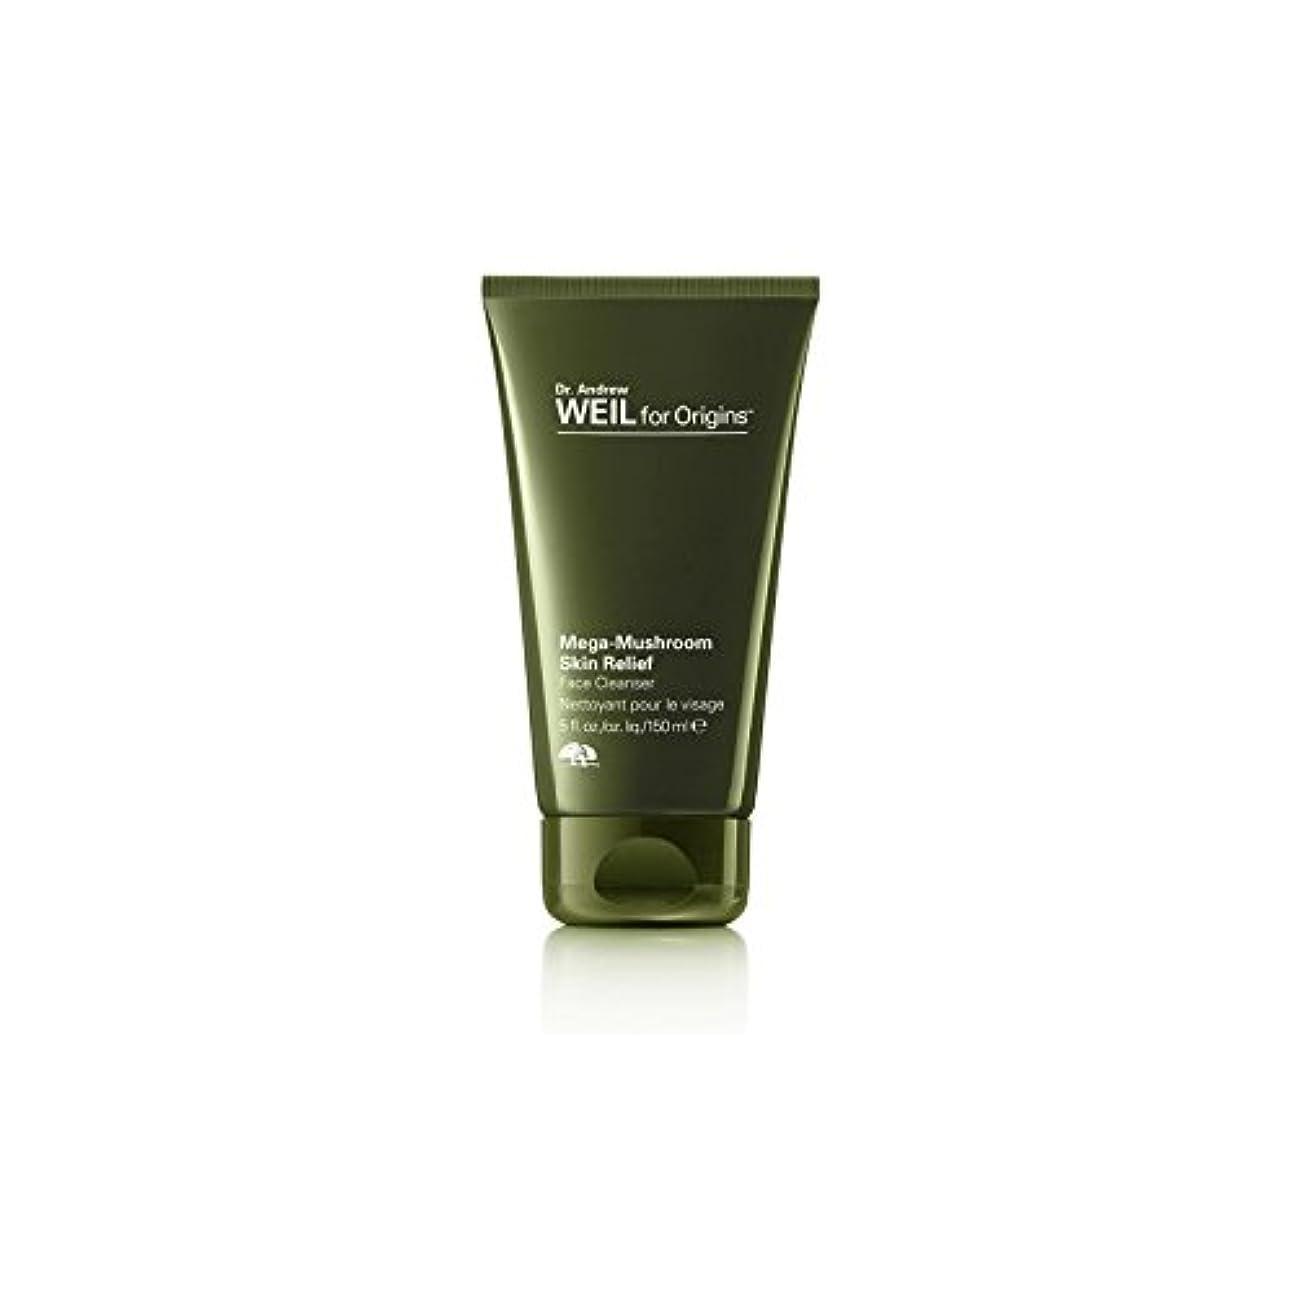 挑発するその間あそこOrigins Dr. Andrew Weil For Origins Mega-Mushroom Skin Relief Face Cleanser 150ml - 起源アンドルー?ワイル起源メガキノコ皮膚救済顔クレンザー...